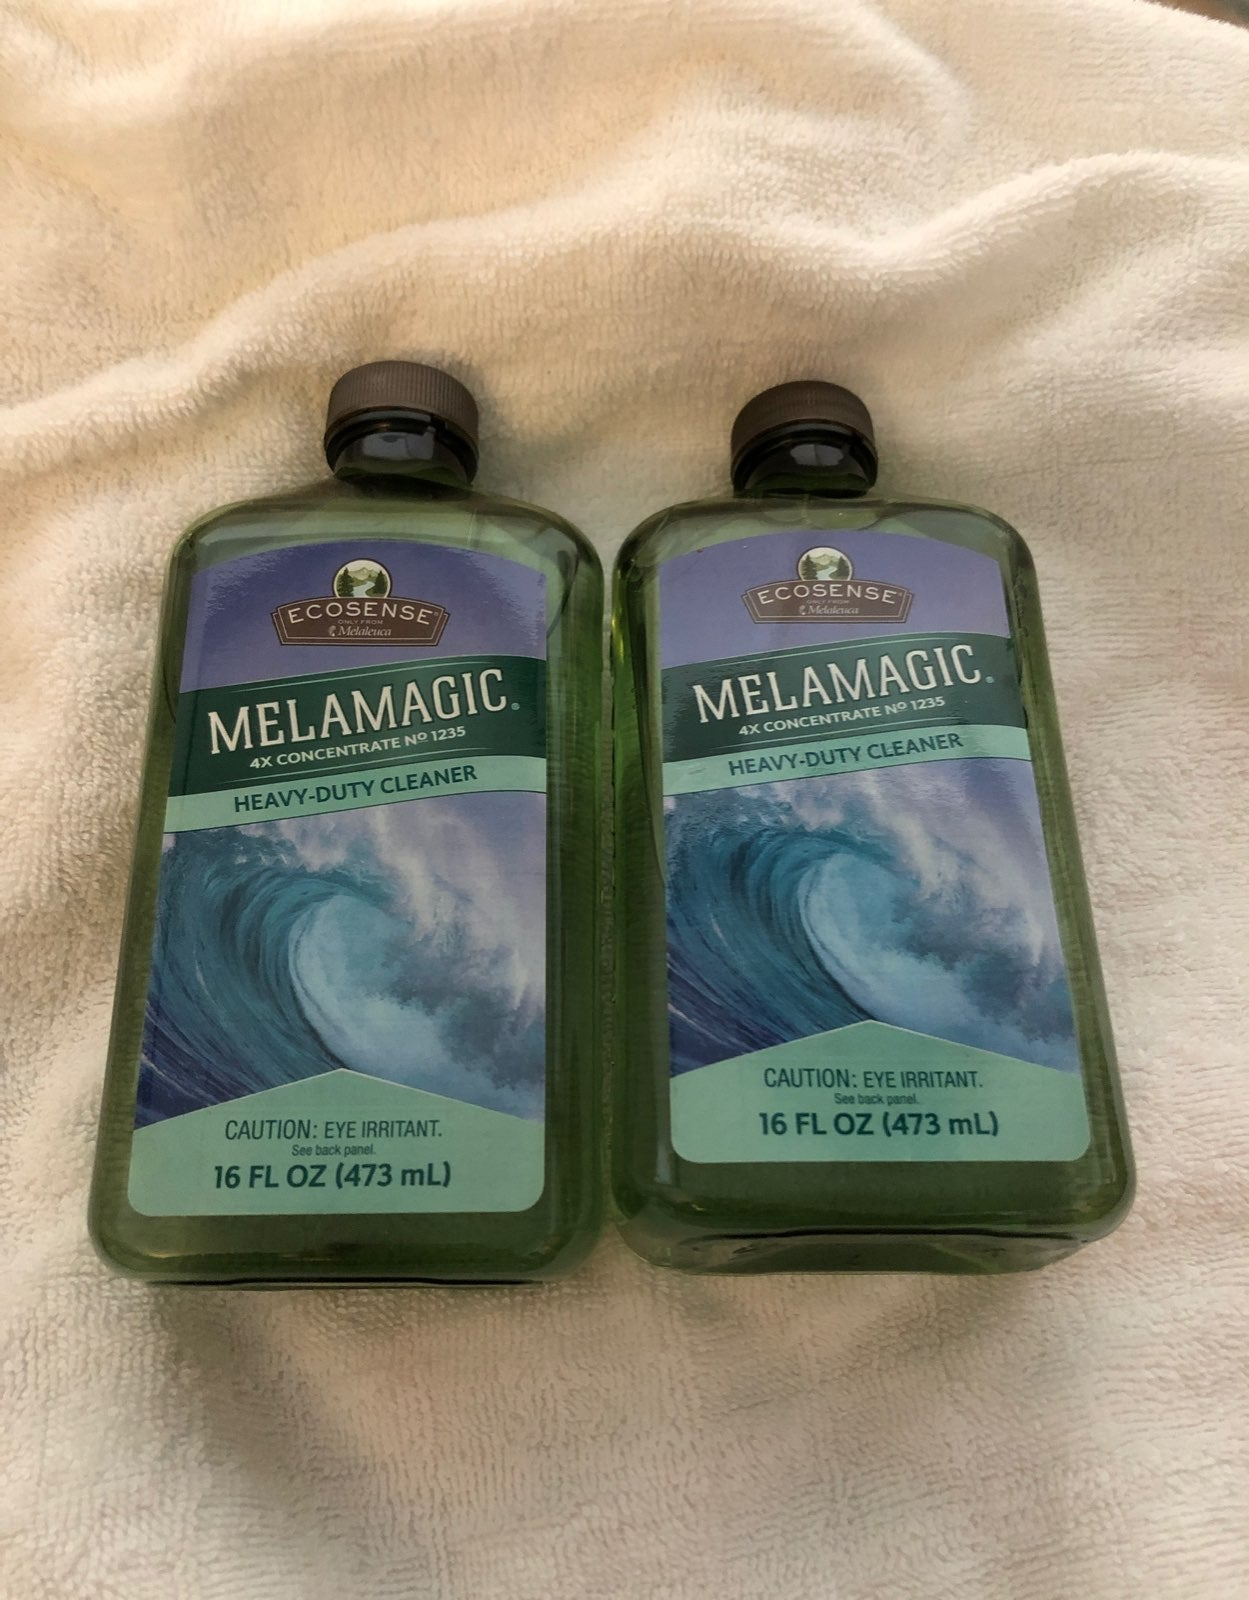 melaleuca melamagic